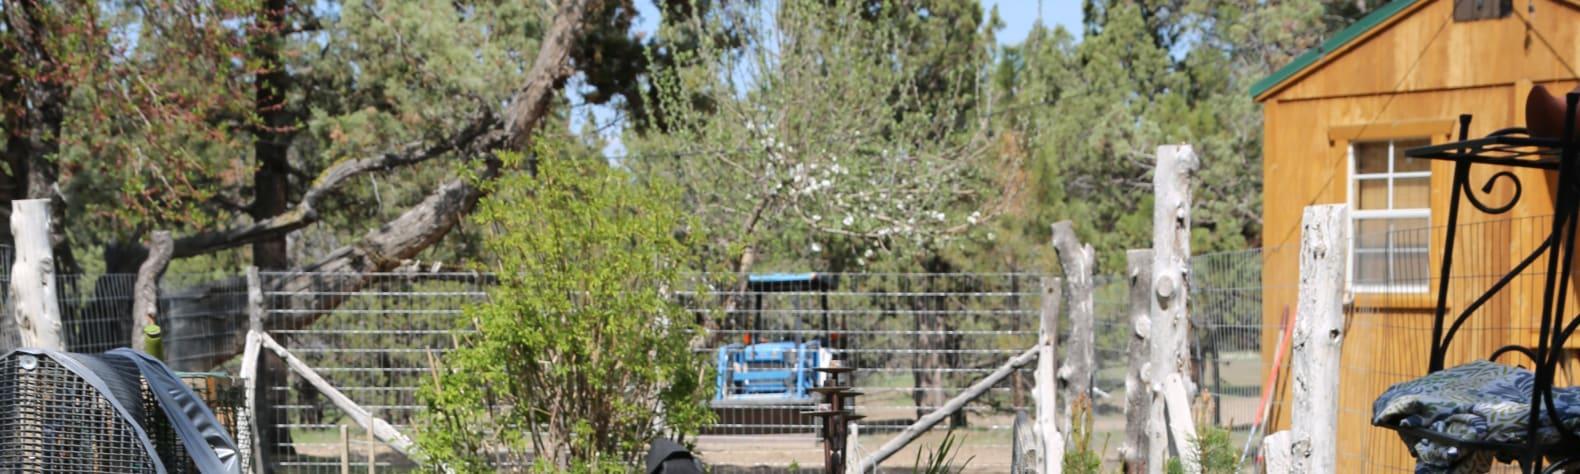 The Honeybee Ranch